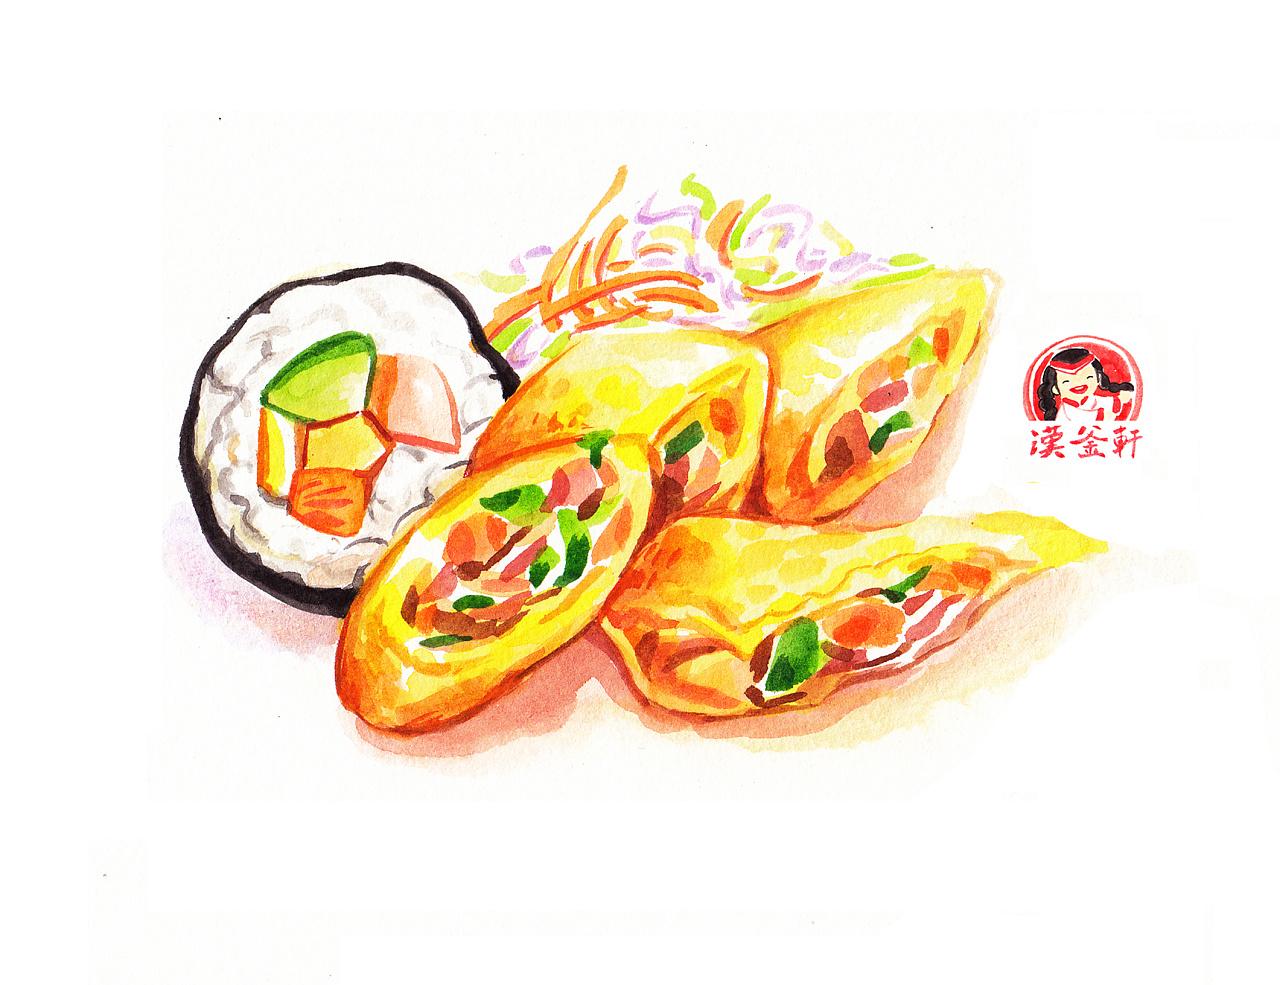 手绘美食手帐(芝士卷,寿司,阴功汤)